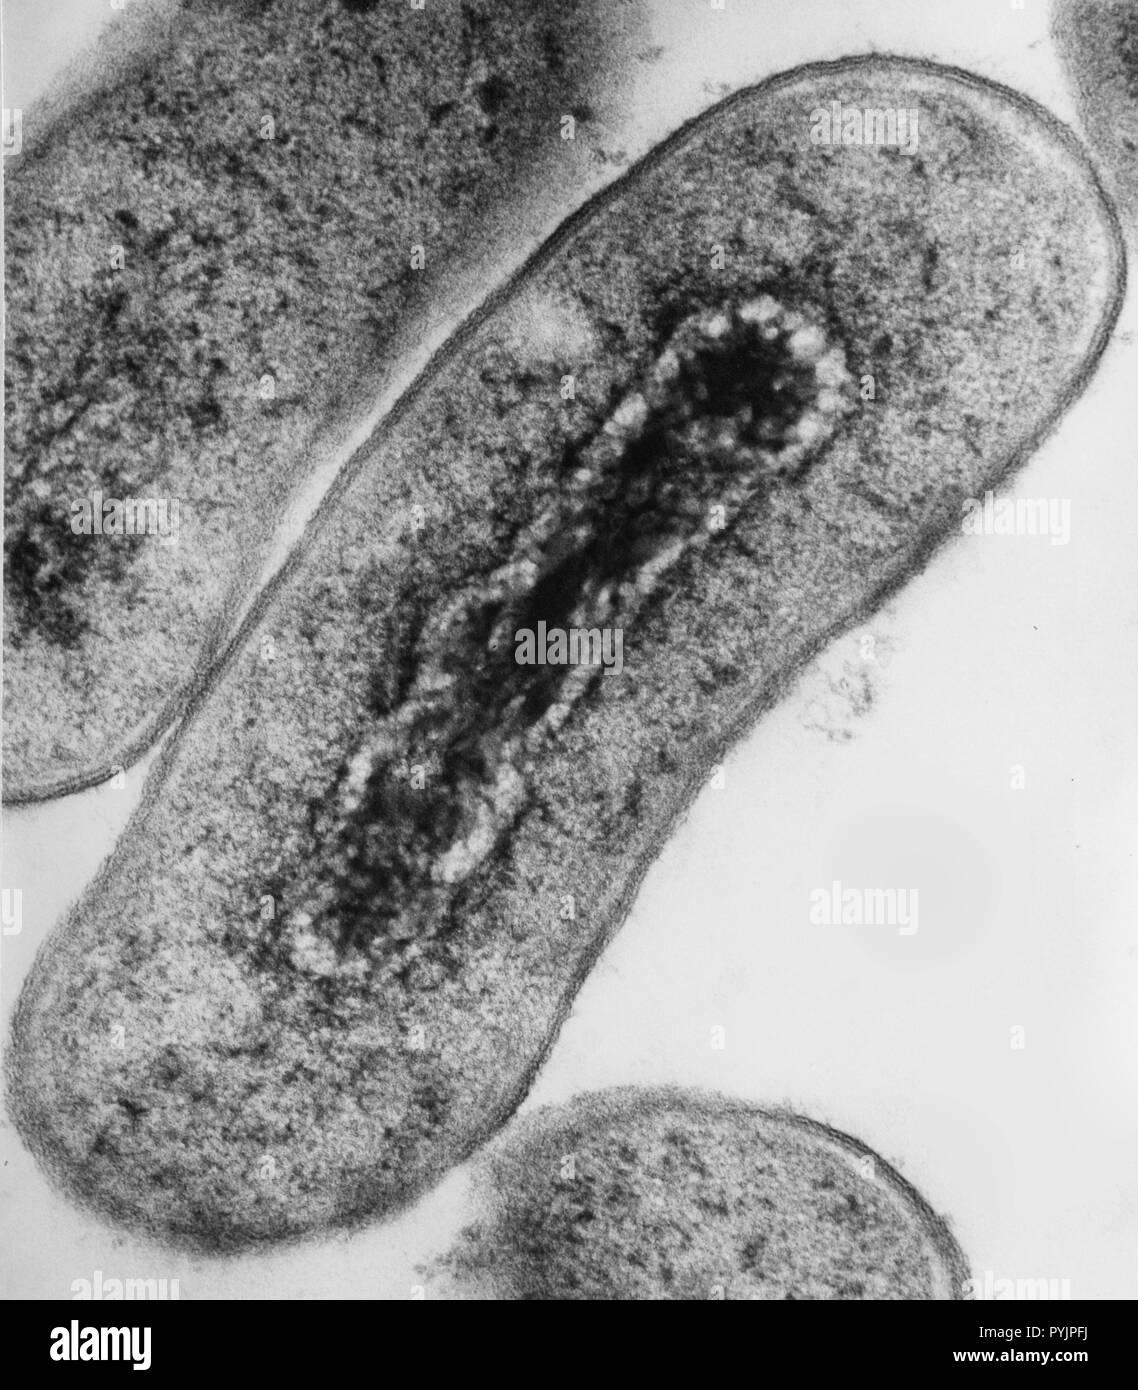 Electron micrograph cross section of Escherichia coli bacteria - Stock Image